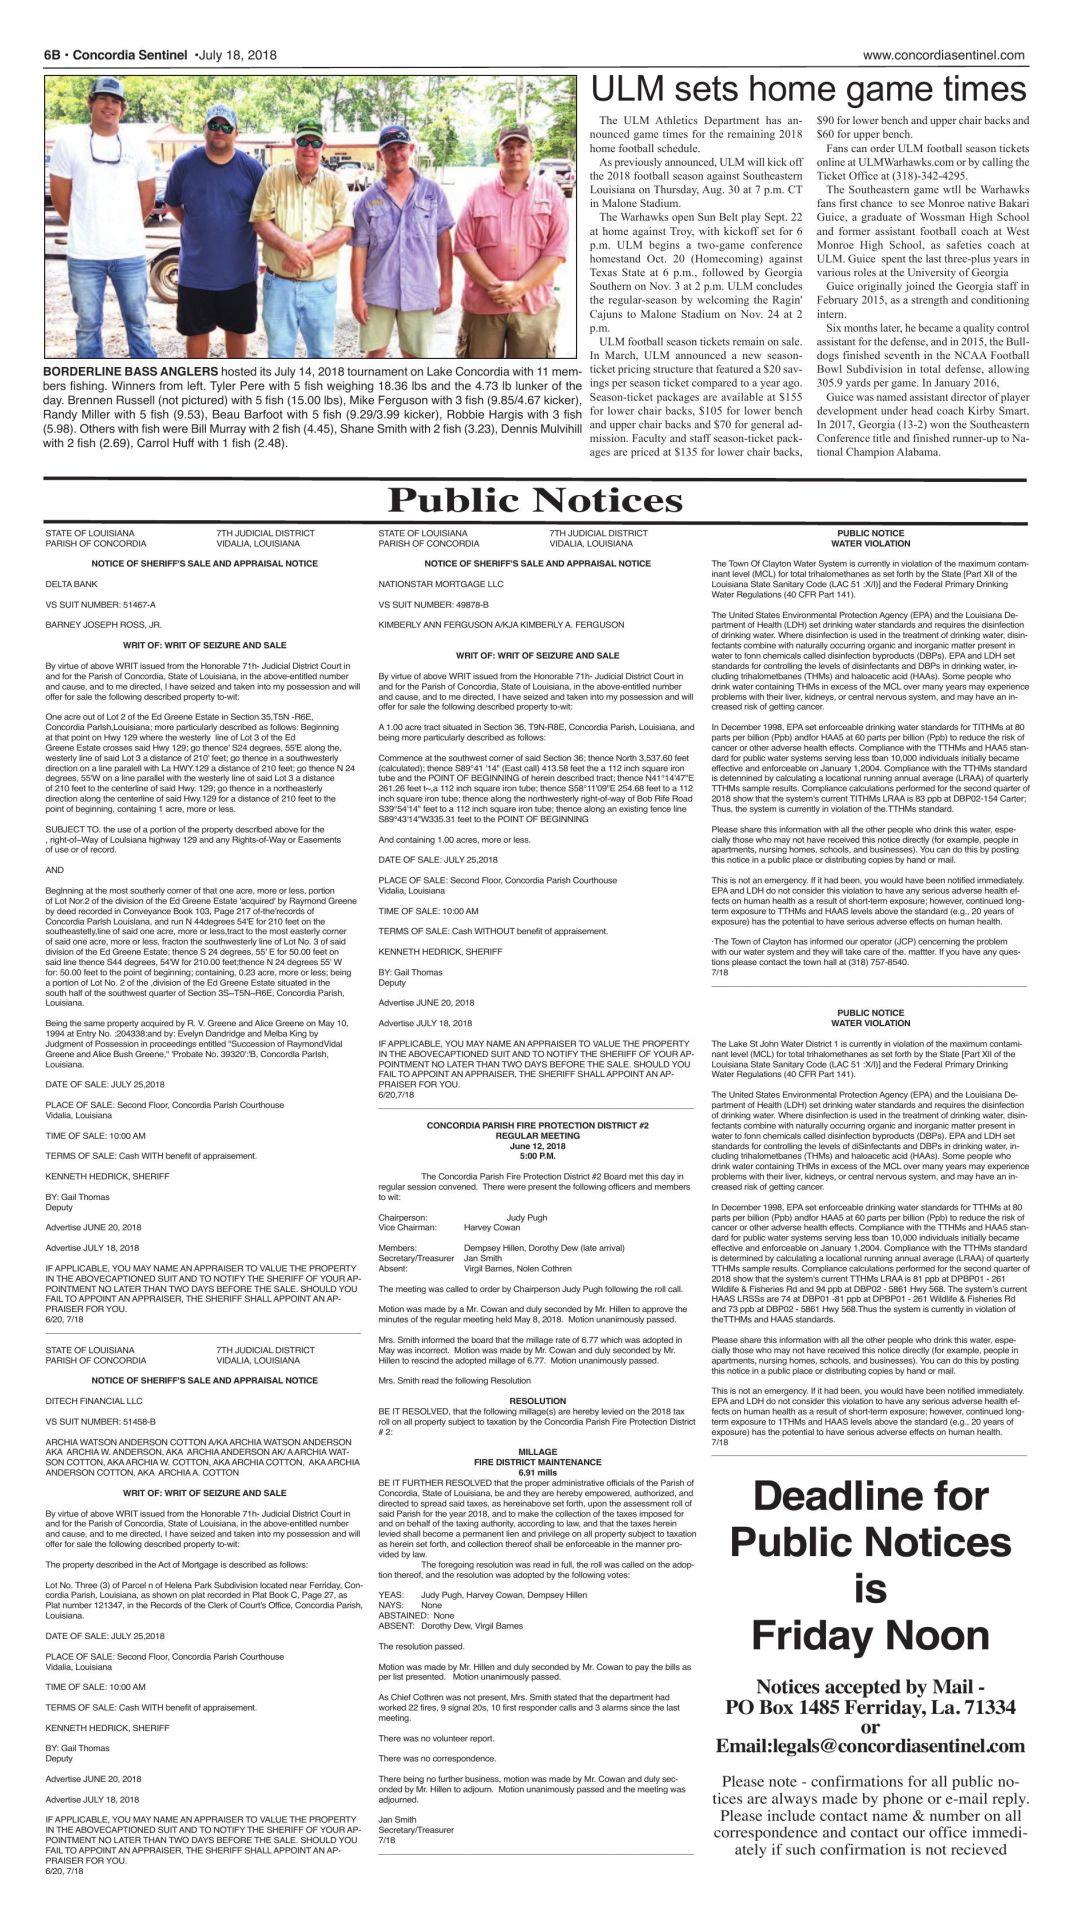 de43103c5e6f Public Notices - July 18